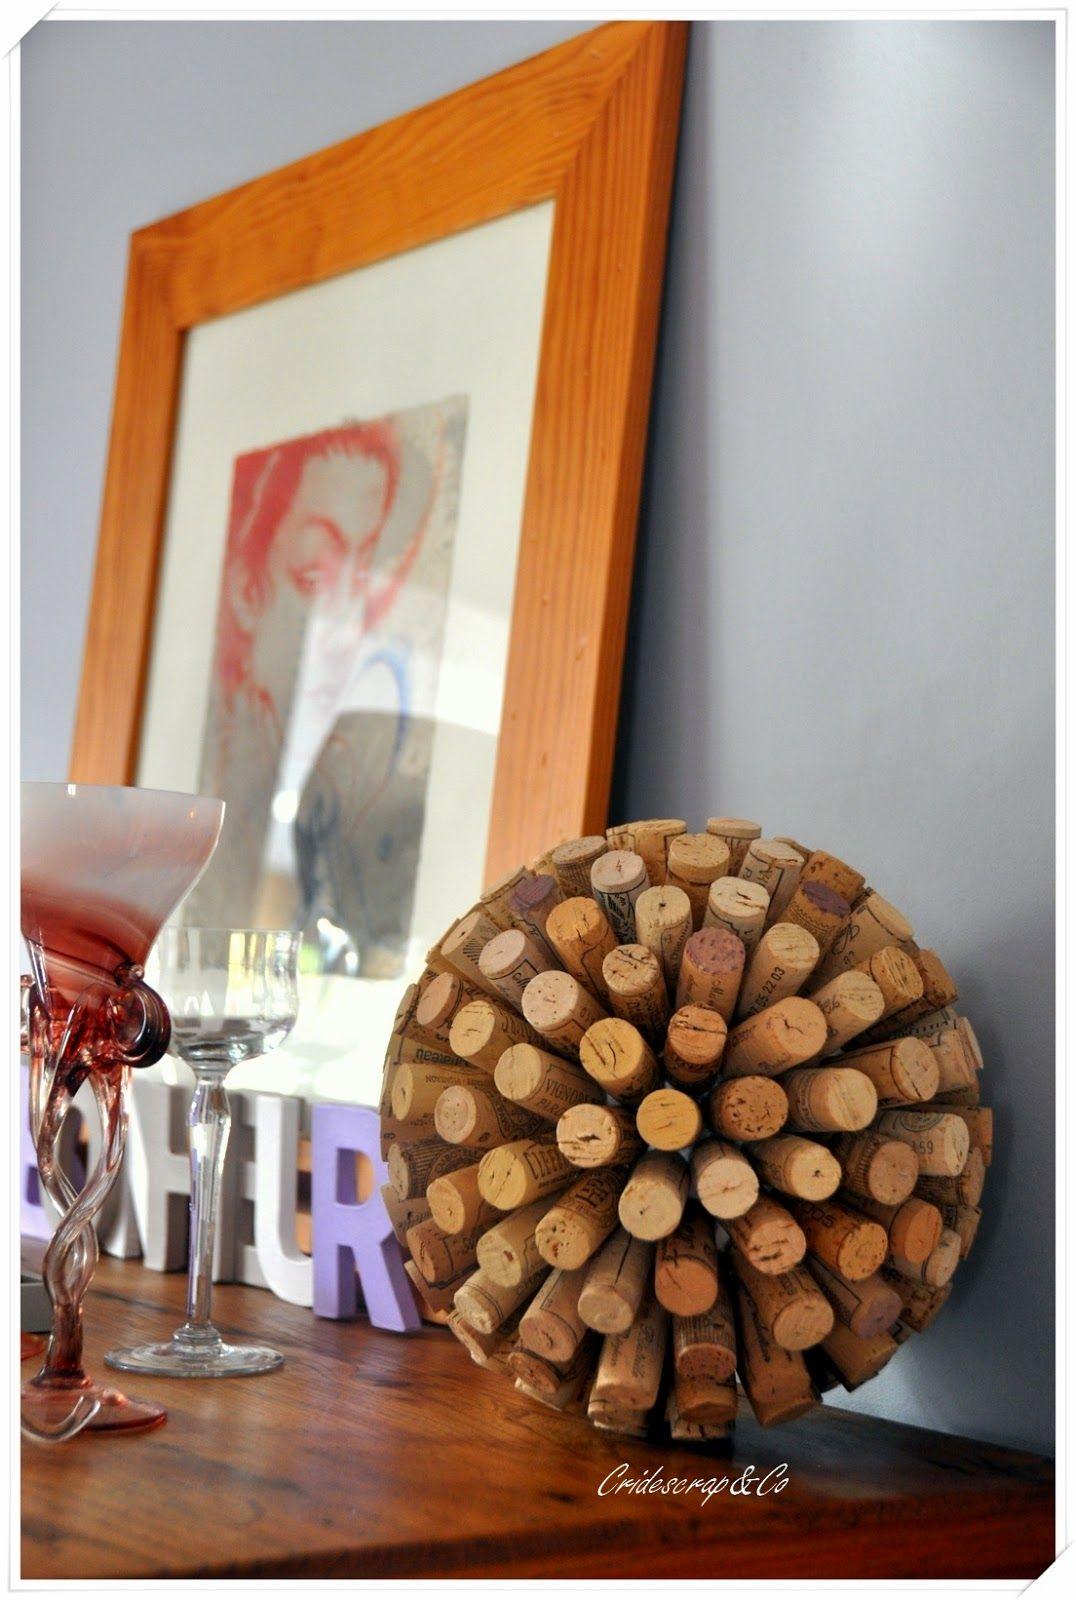 la boutique deco de cridescrap co une boule d co en bouchons de vin en li ge me pinterest. Black Bedroom Furniture Sets. Home Design Ideas